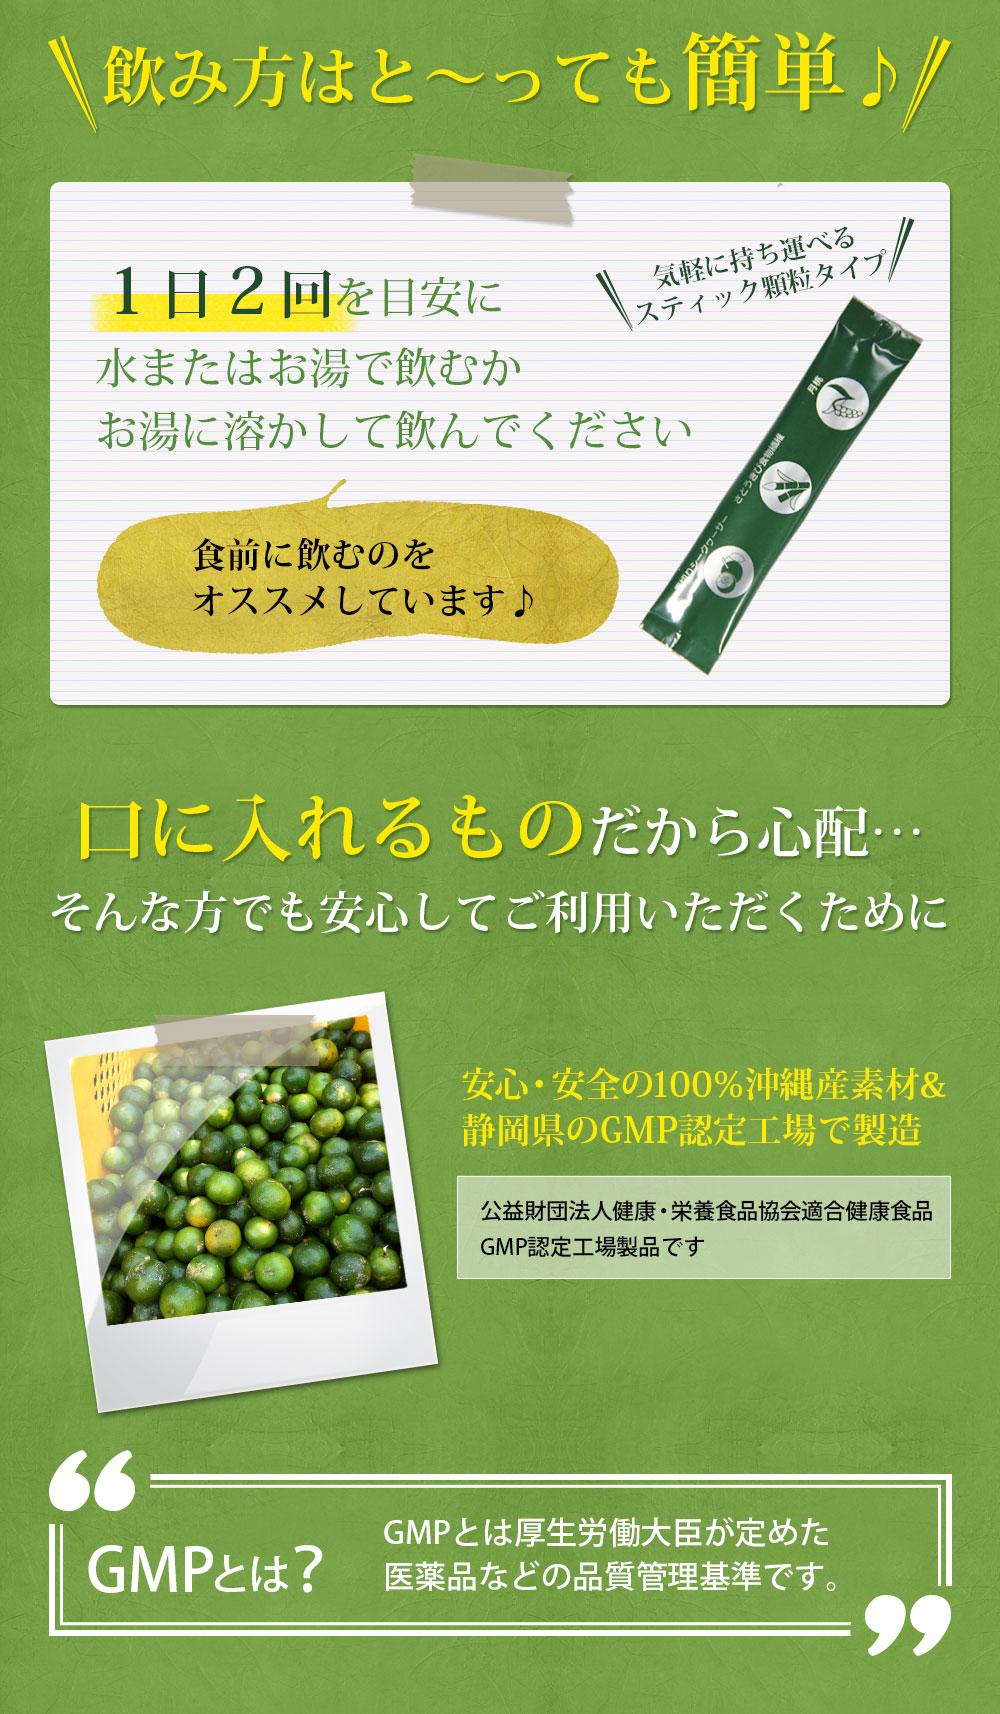 飲み方はと~っても簡単♪1日2回を目安に水またはお湯で飲むかお湯に溶かして飲んでください。食前に飲むのをオススメしています♪気軽に持ち運べるスティック顆粒タイプです。口に入れるものだから心配…そんな方でも安心してご利用いただくために・・・。安心・安全の100%沖縄産素材&静岡県のGMP認定工場で製造。公益財団法人健康・栄養食品協会適合健康食品GMP認定工場製品です。GMPとは厚生労働大臣が定めた医薬品などの品質管理基準です。